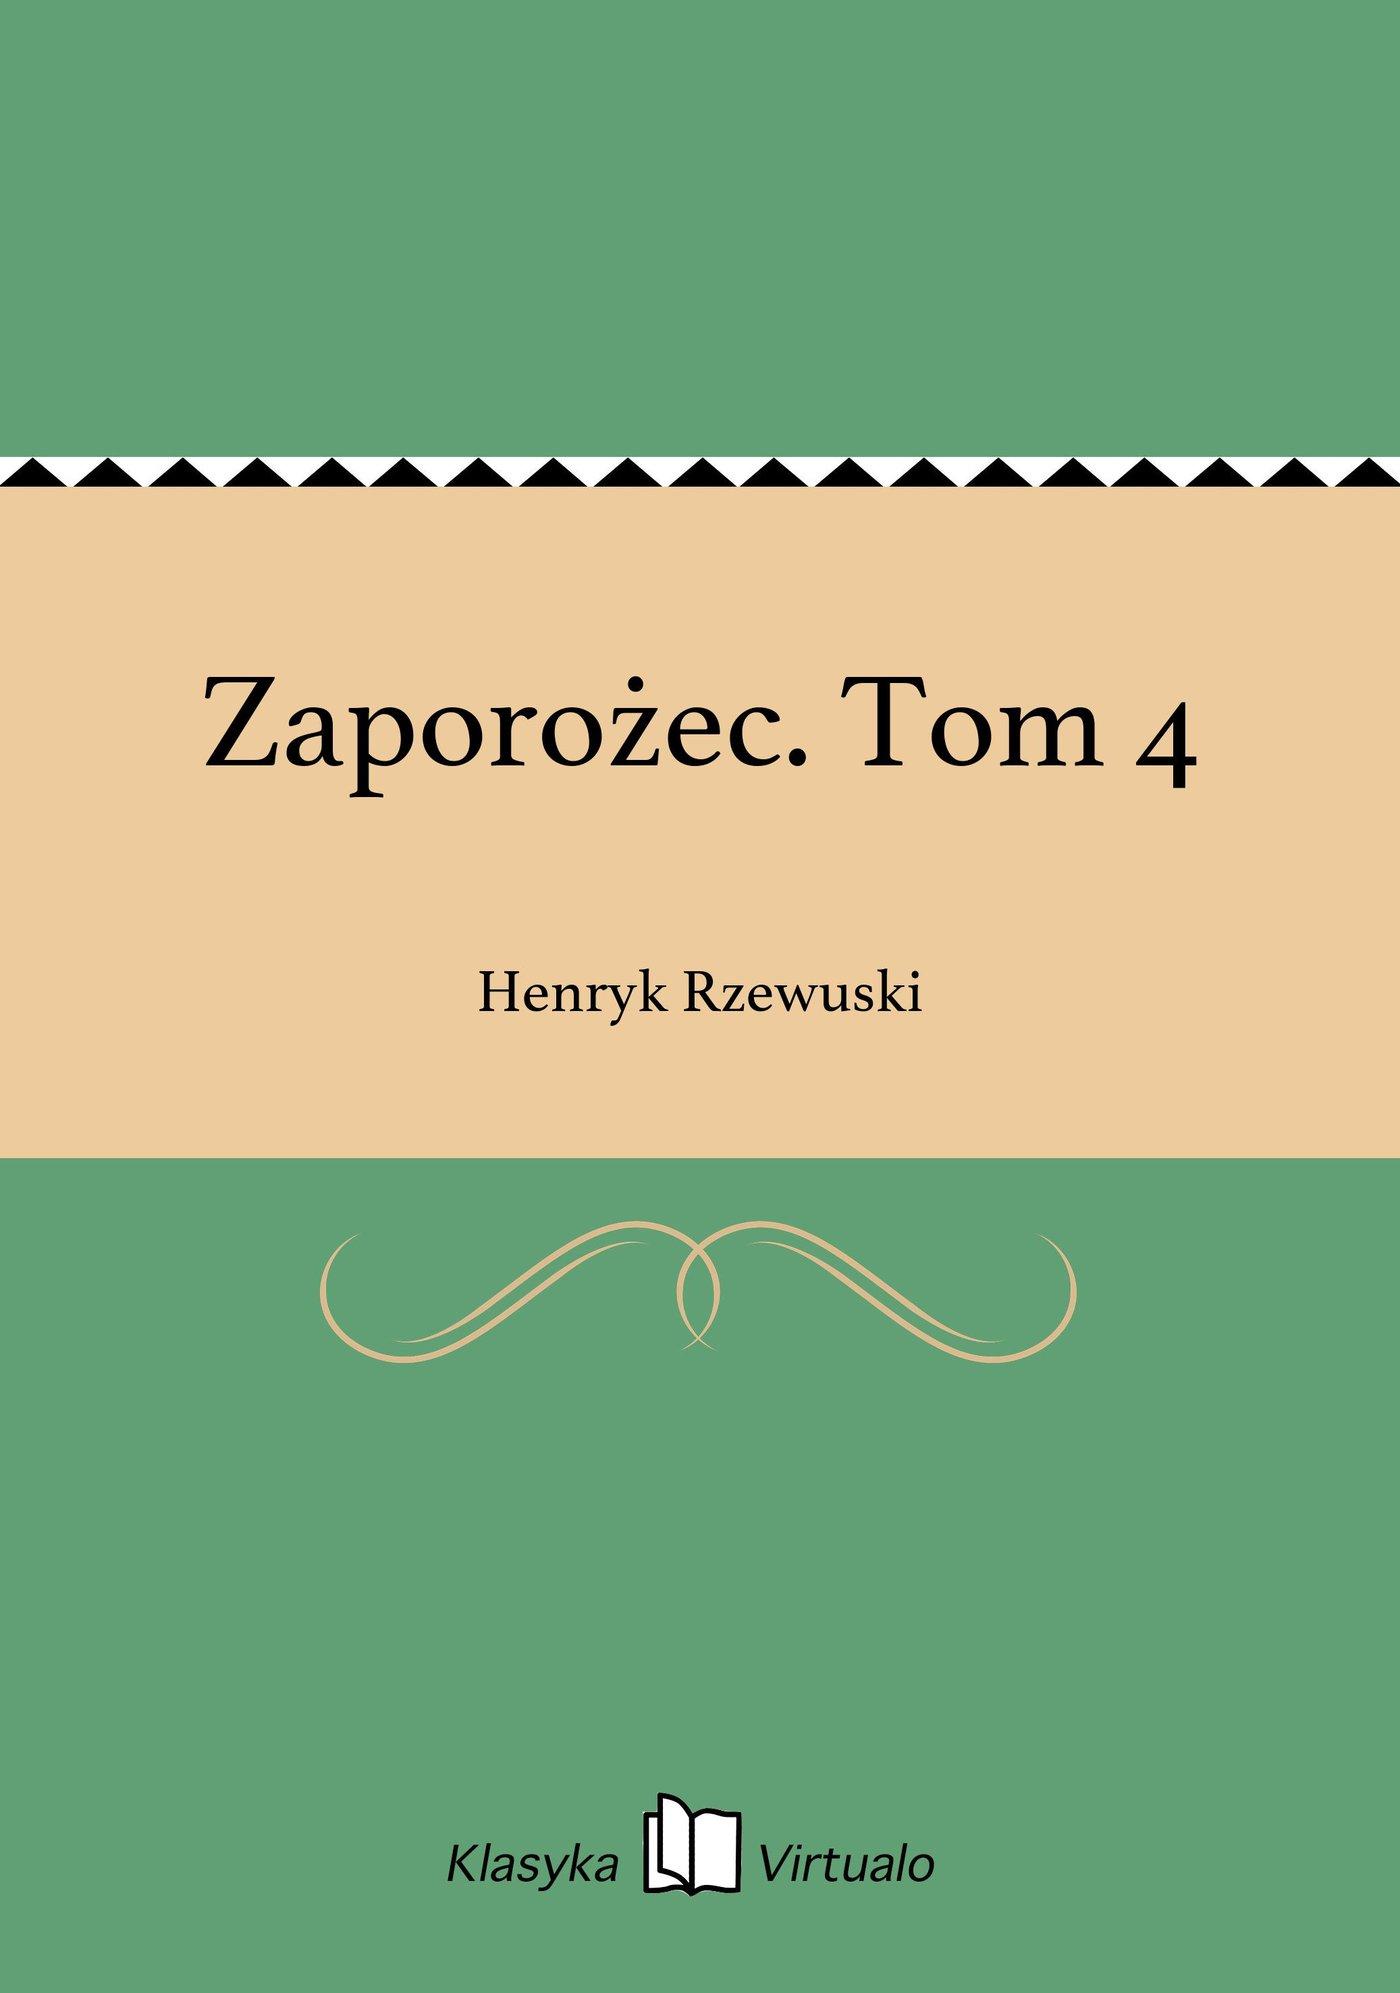 Zaporożec. Tom 4 - Ebook (Książka EPUB) do pobrania w formacie EPUB